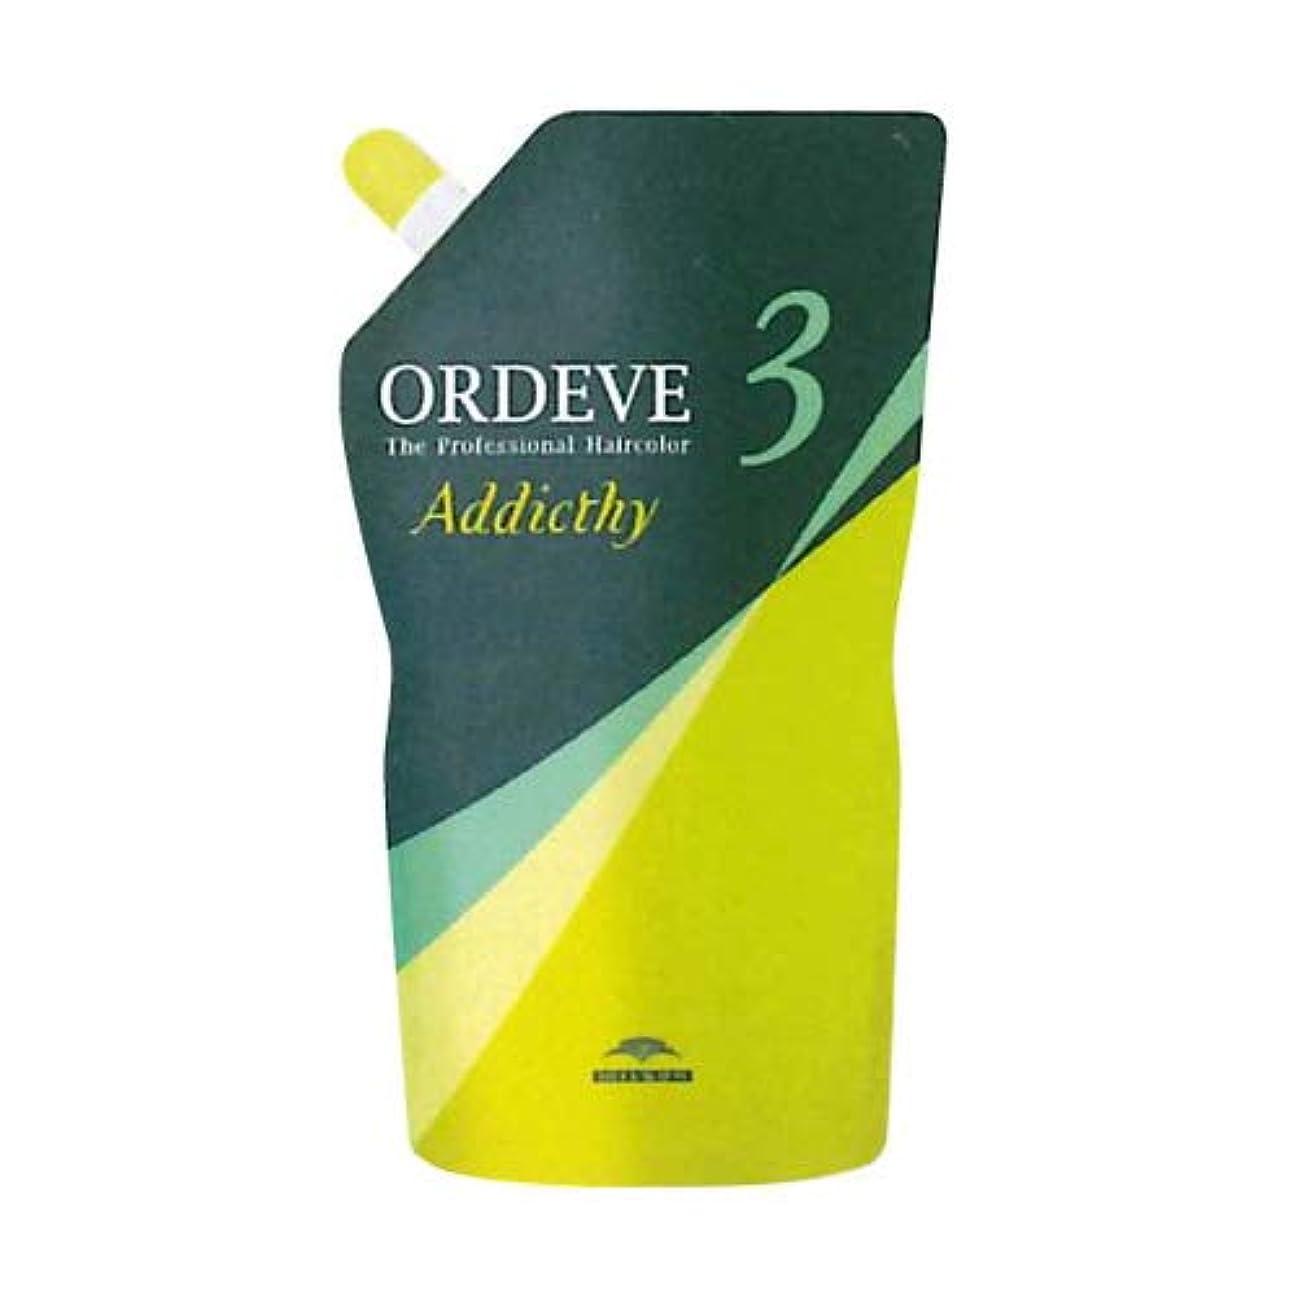 ガチョウ晩餐白鳥ミルボン オルディーブ アディクシー 2剤 オキシダン 3.0% 1000ml